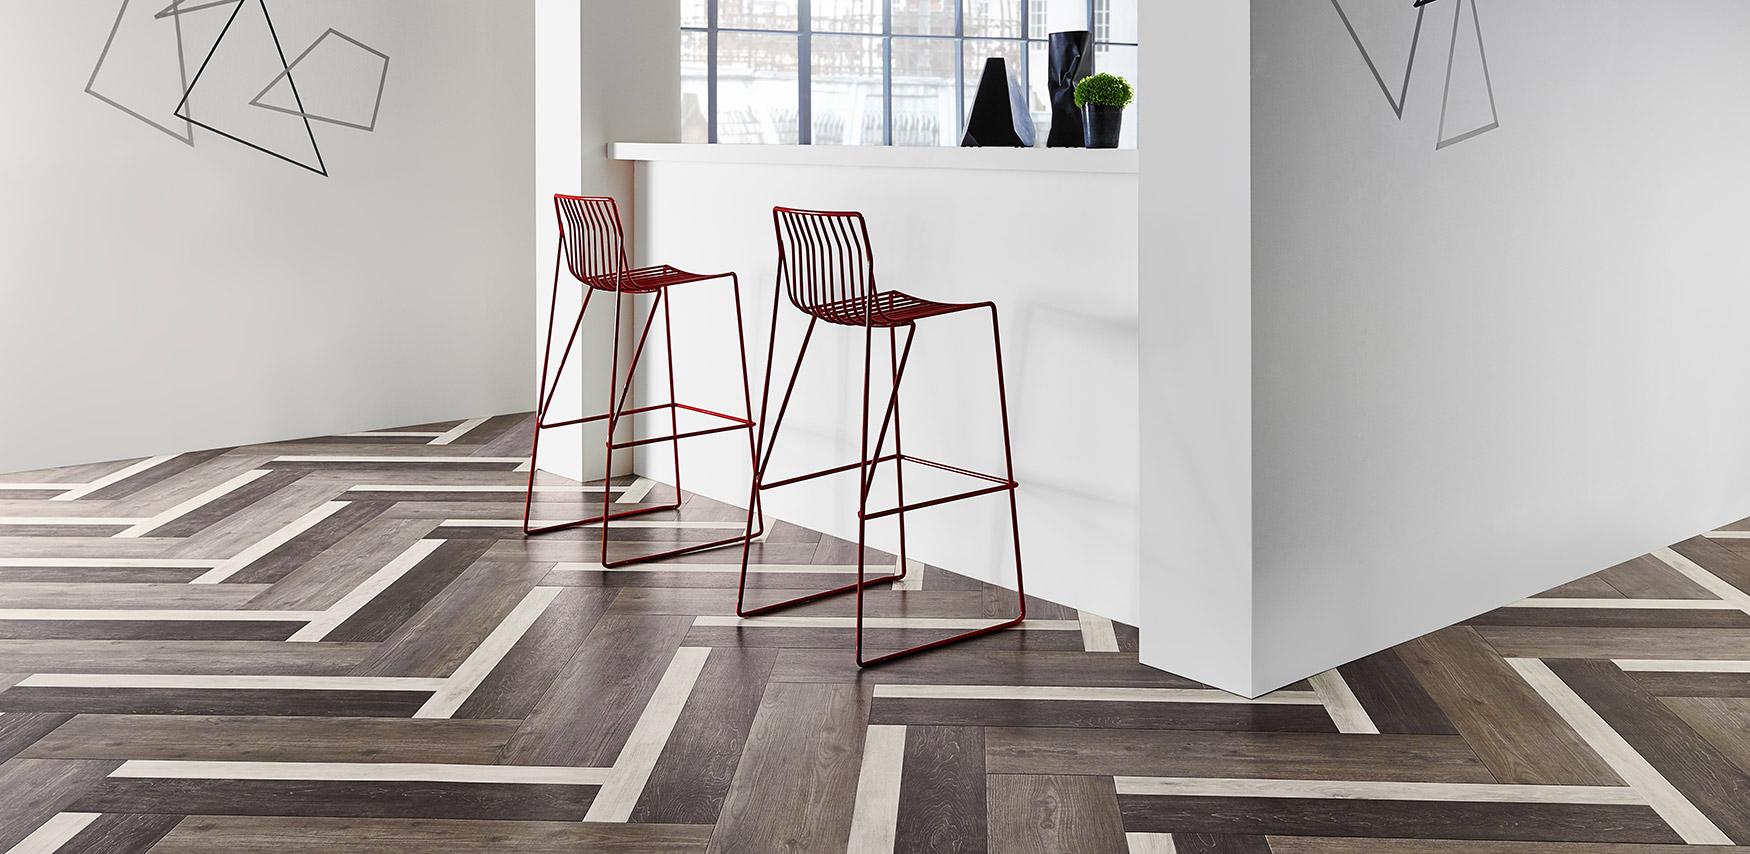 b b commercial flooring in nashville